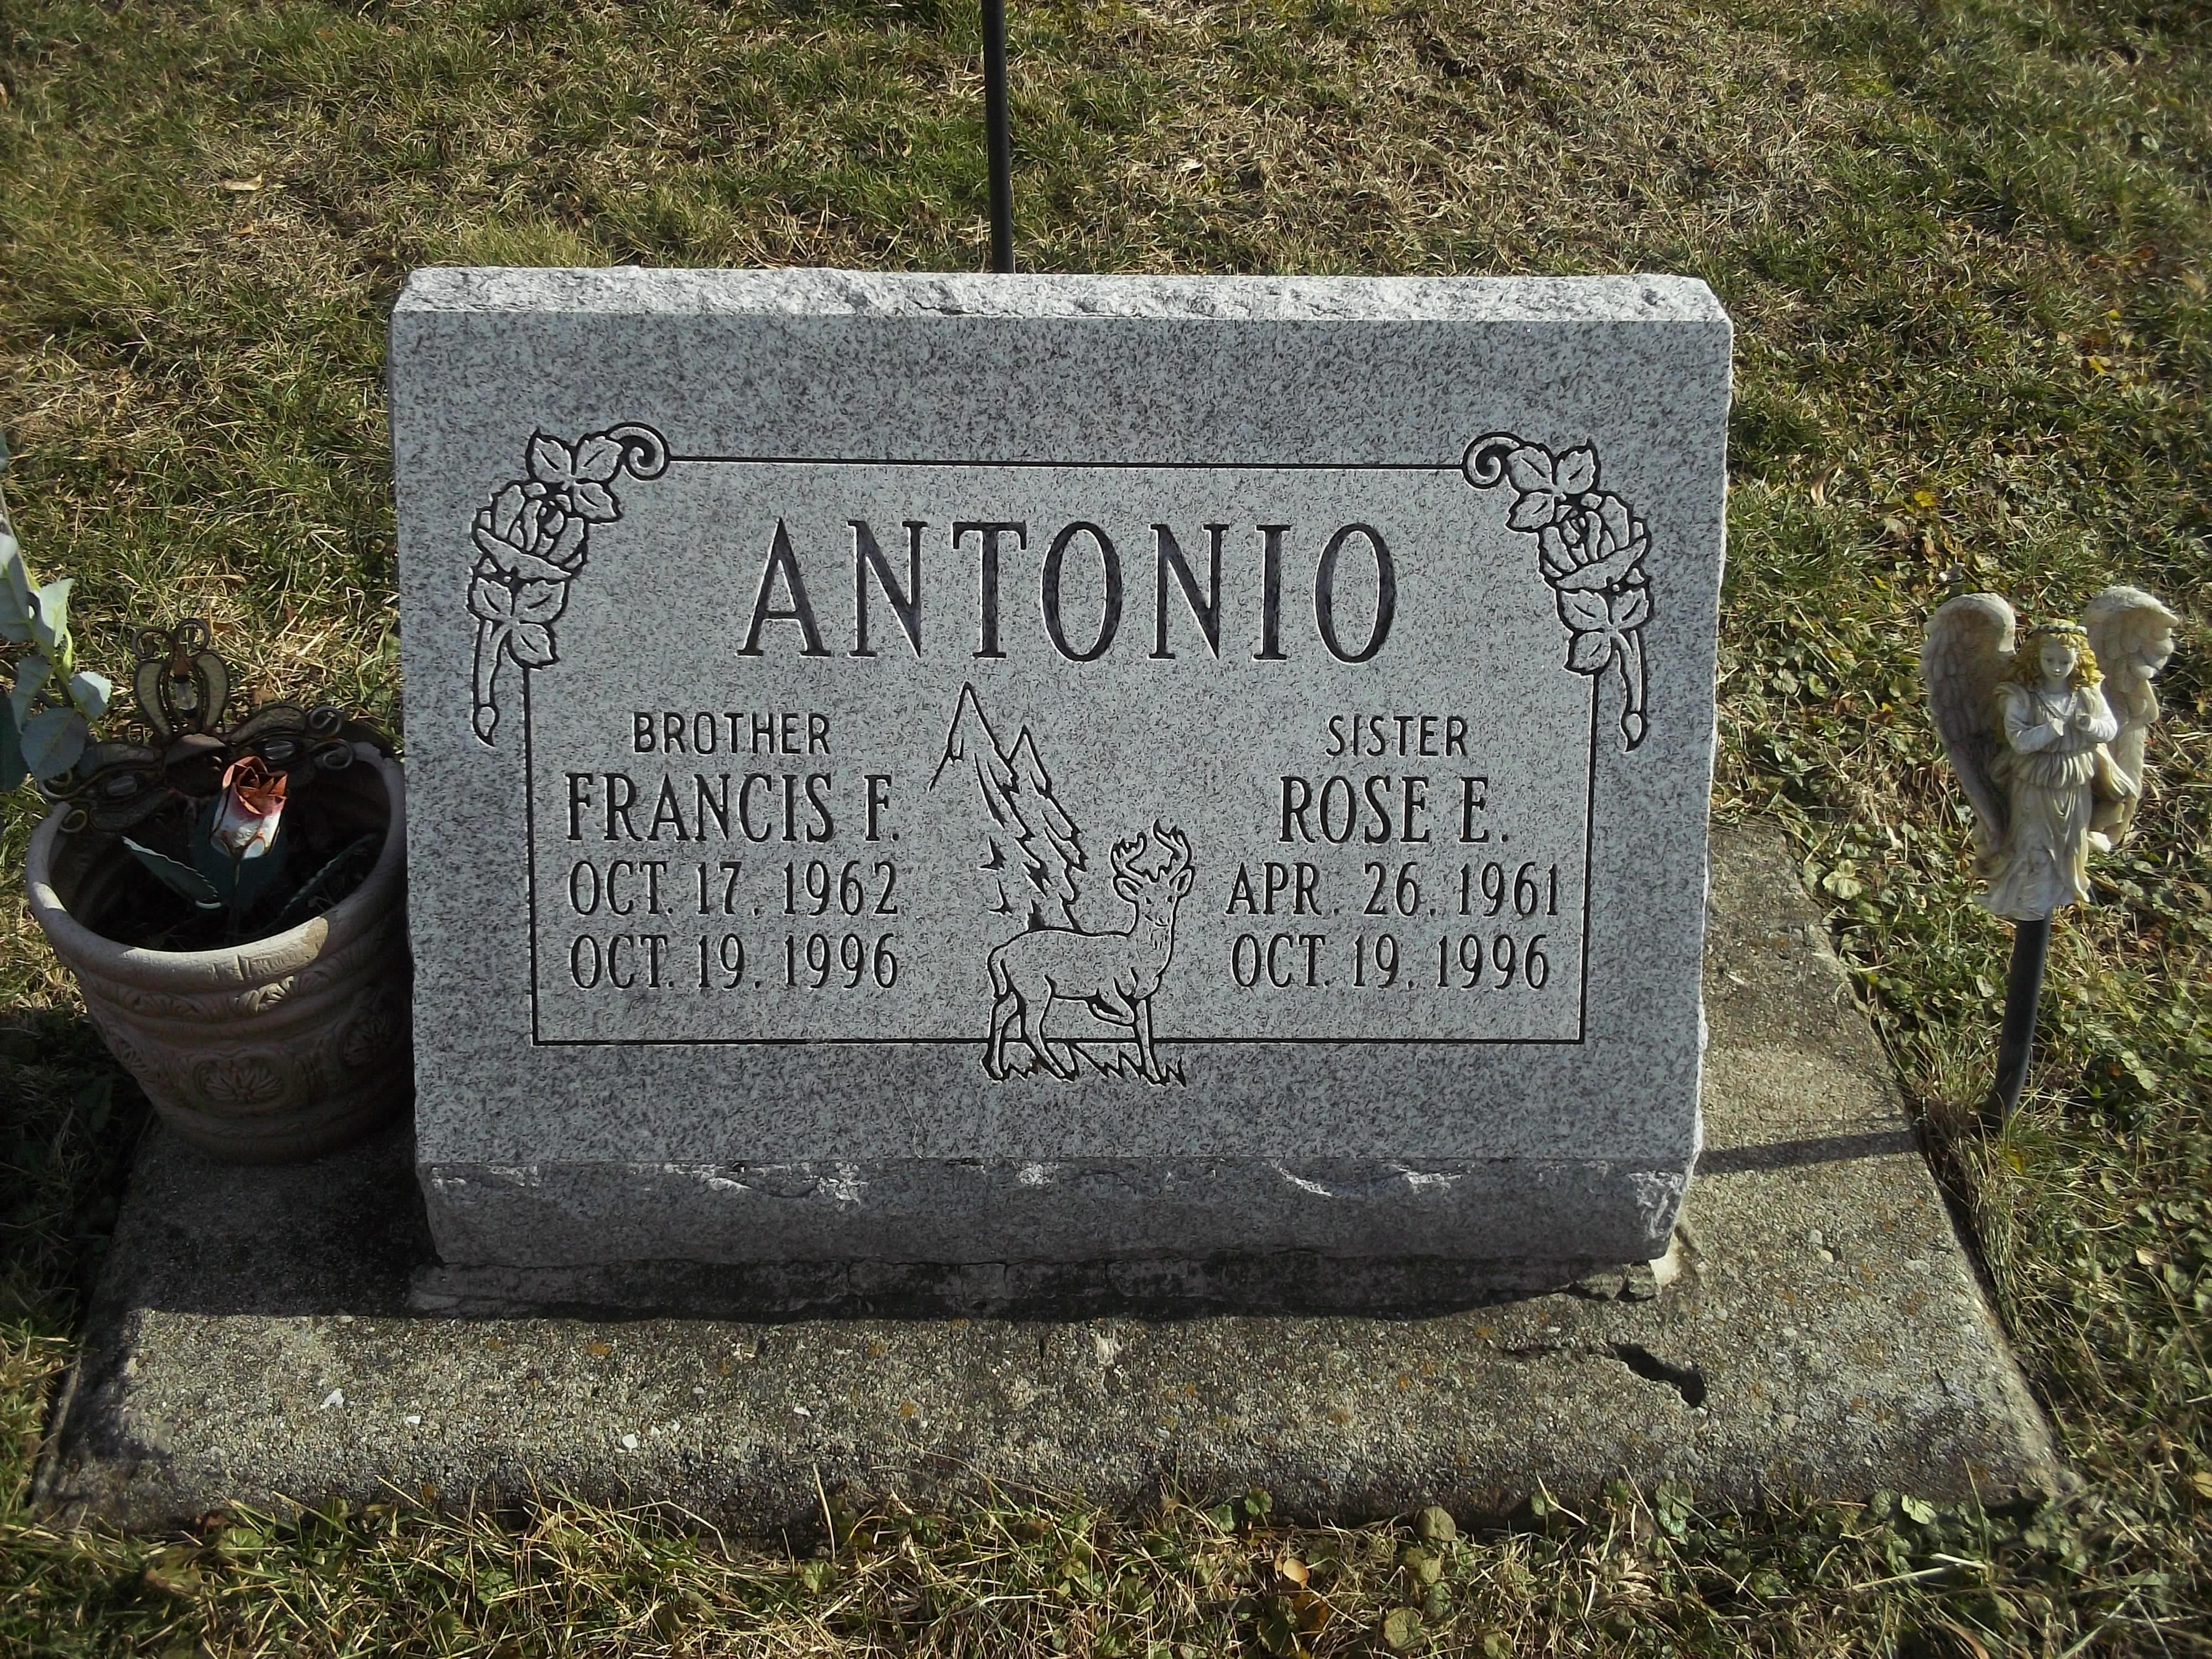 Rose E Antonio